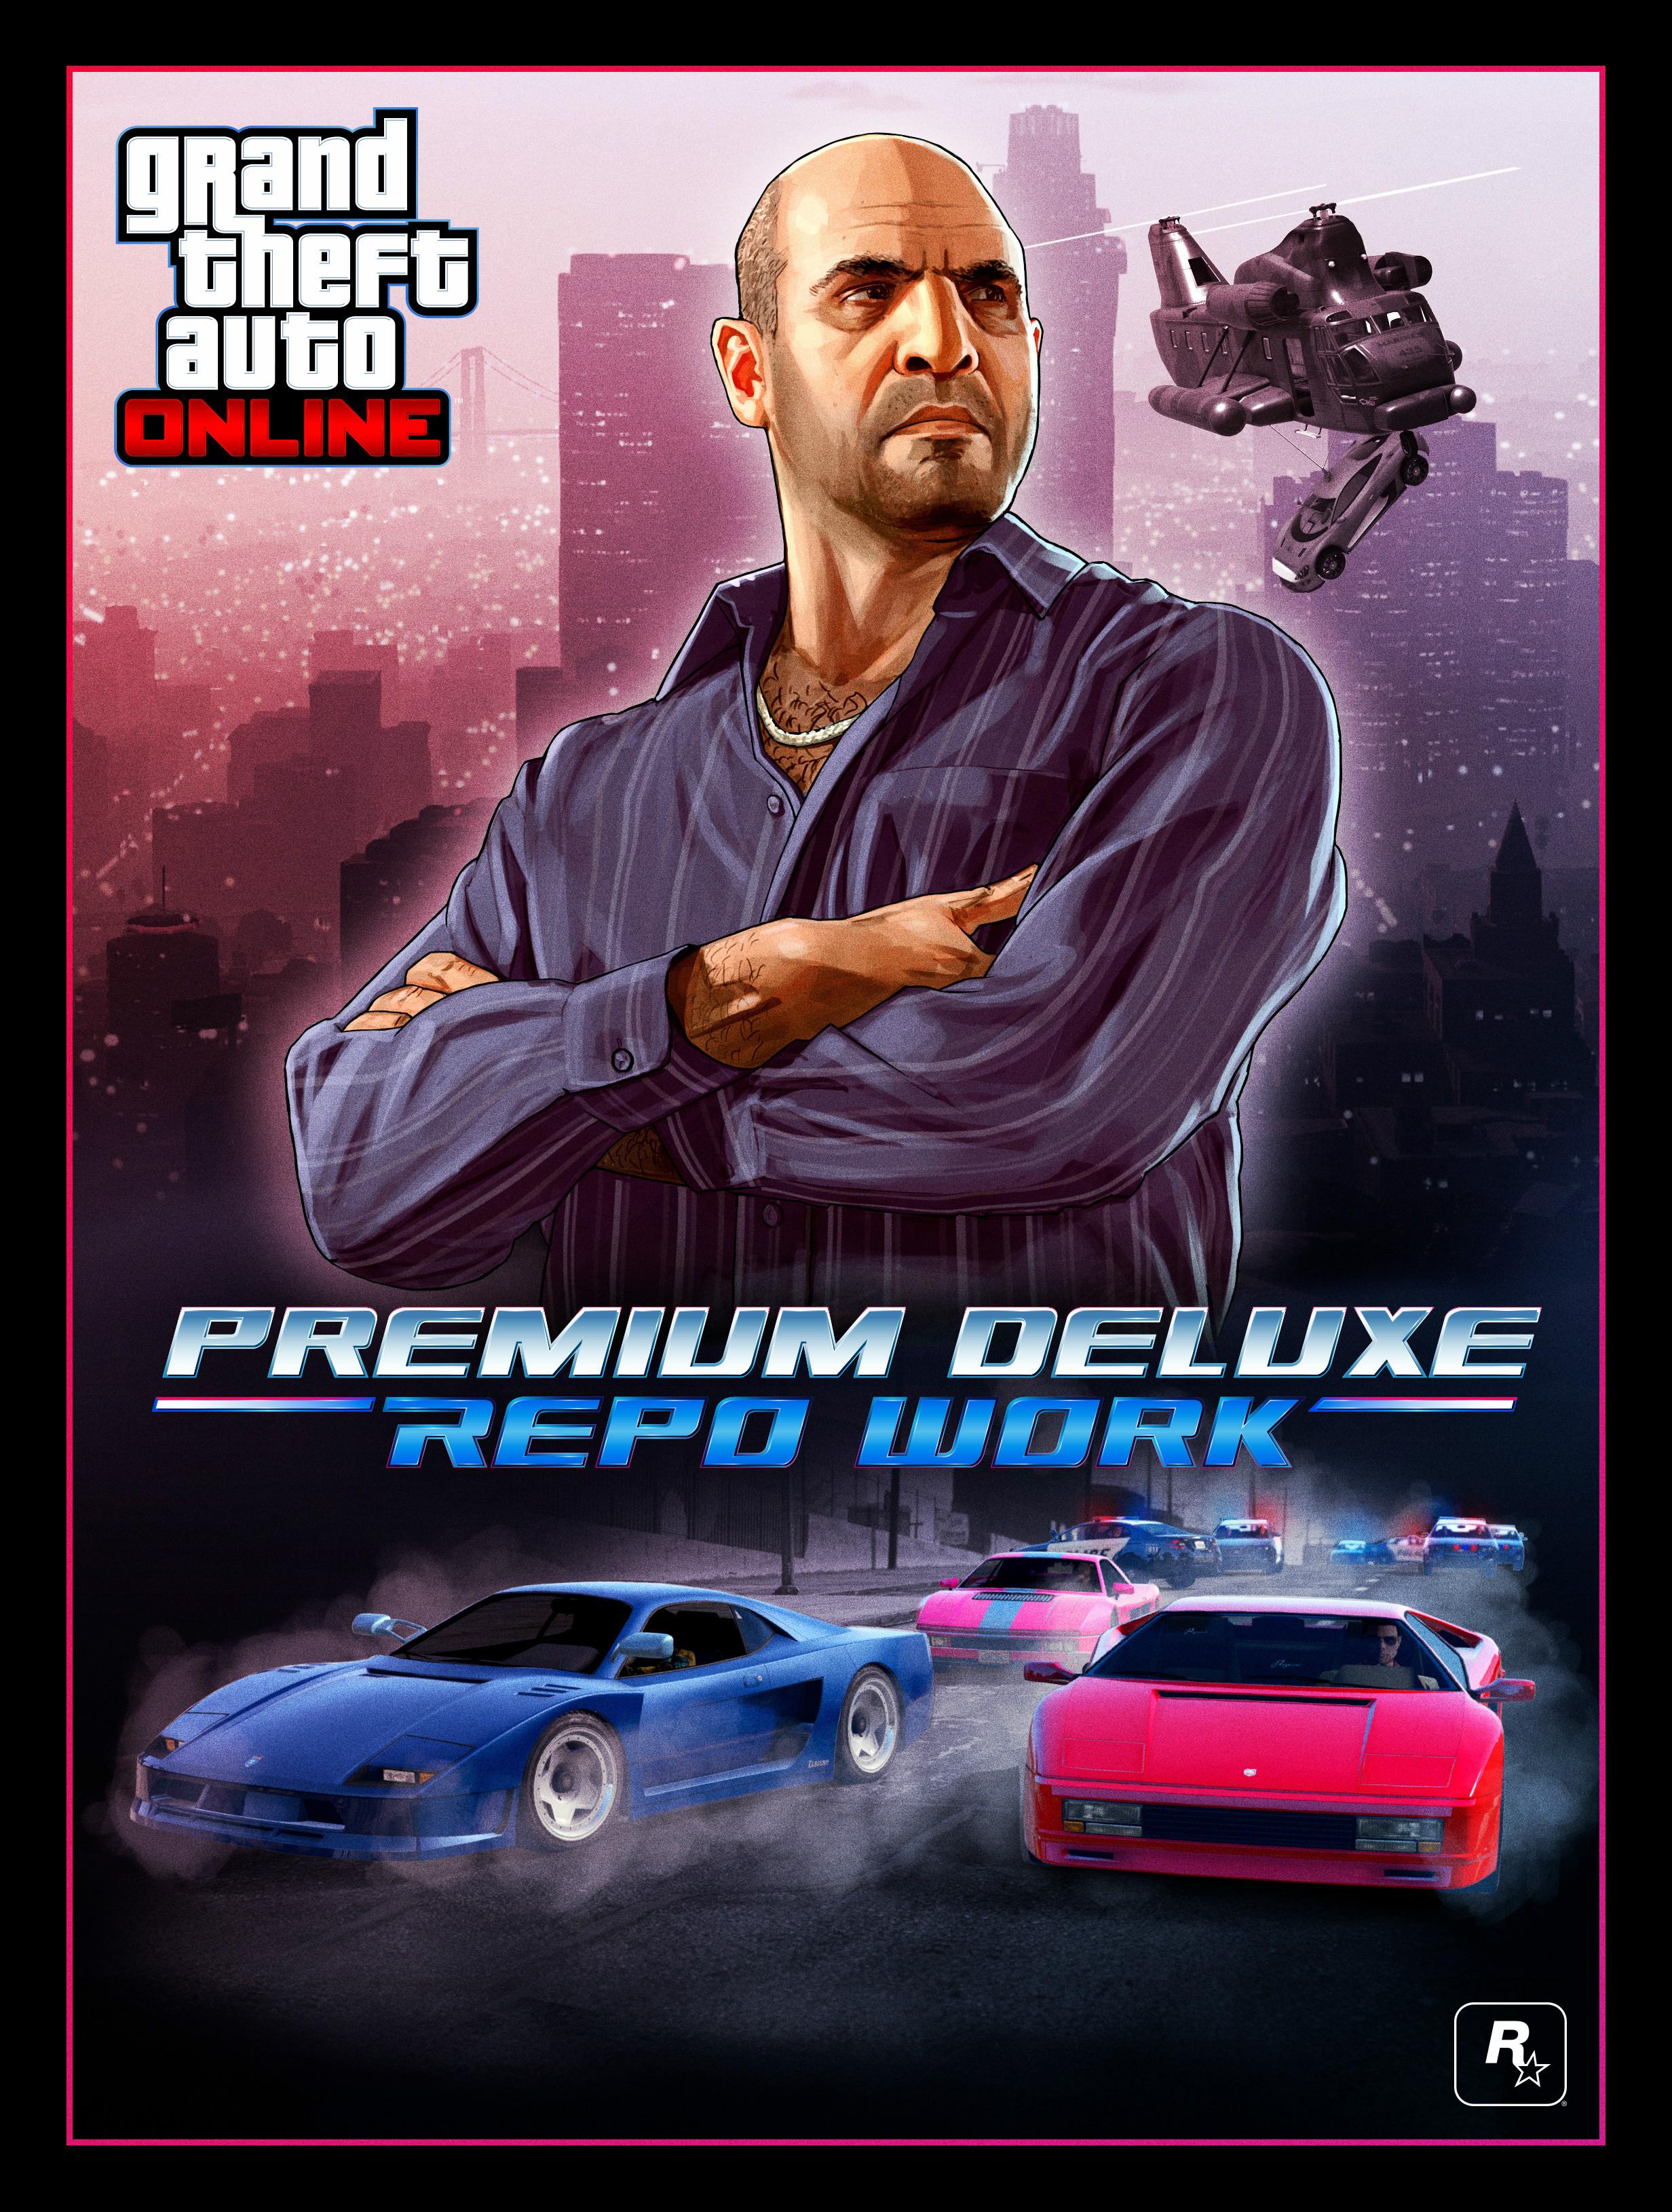 Embargo de Premium Deluxe de Simeon